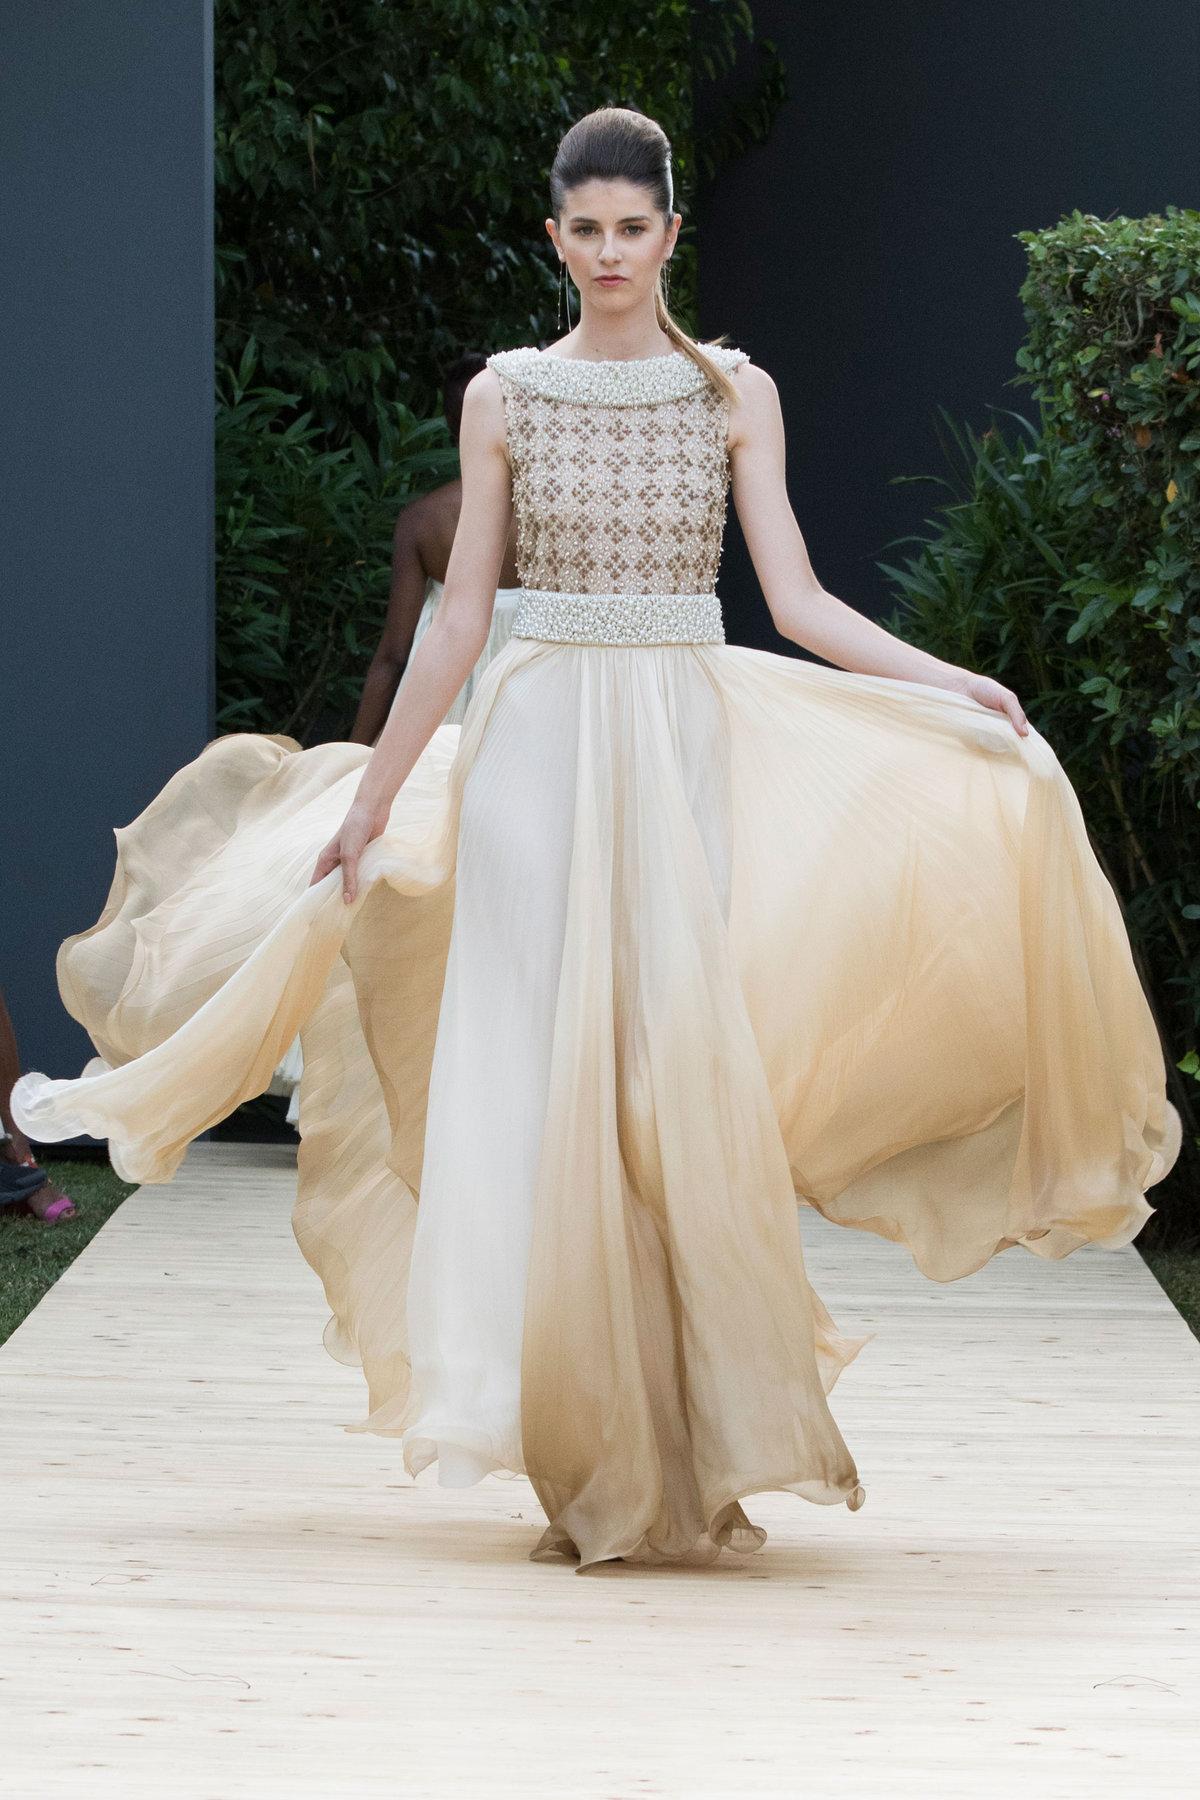 66e8bf8cf23 Цвета вечерних платьев в показе от дизайнера